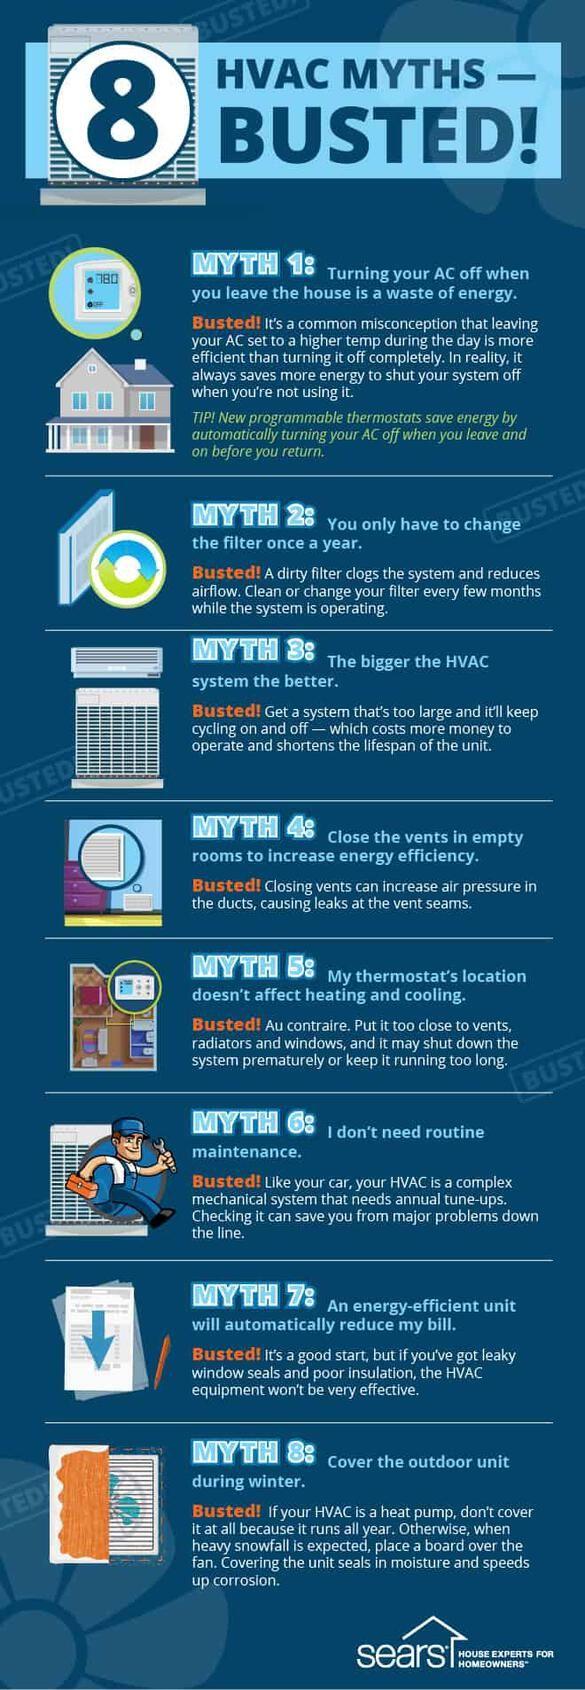 5 Home HVAC Maintenance Tips 1 Hvac maintenance, Hvac